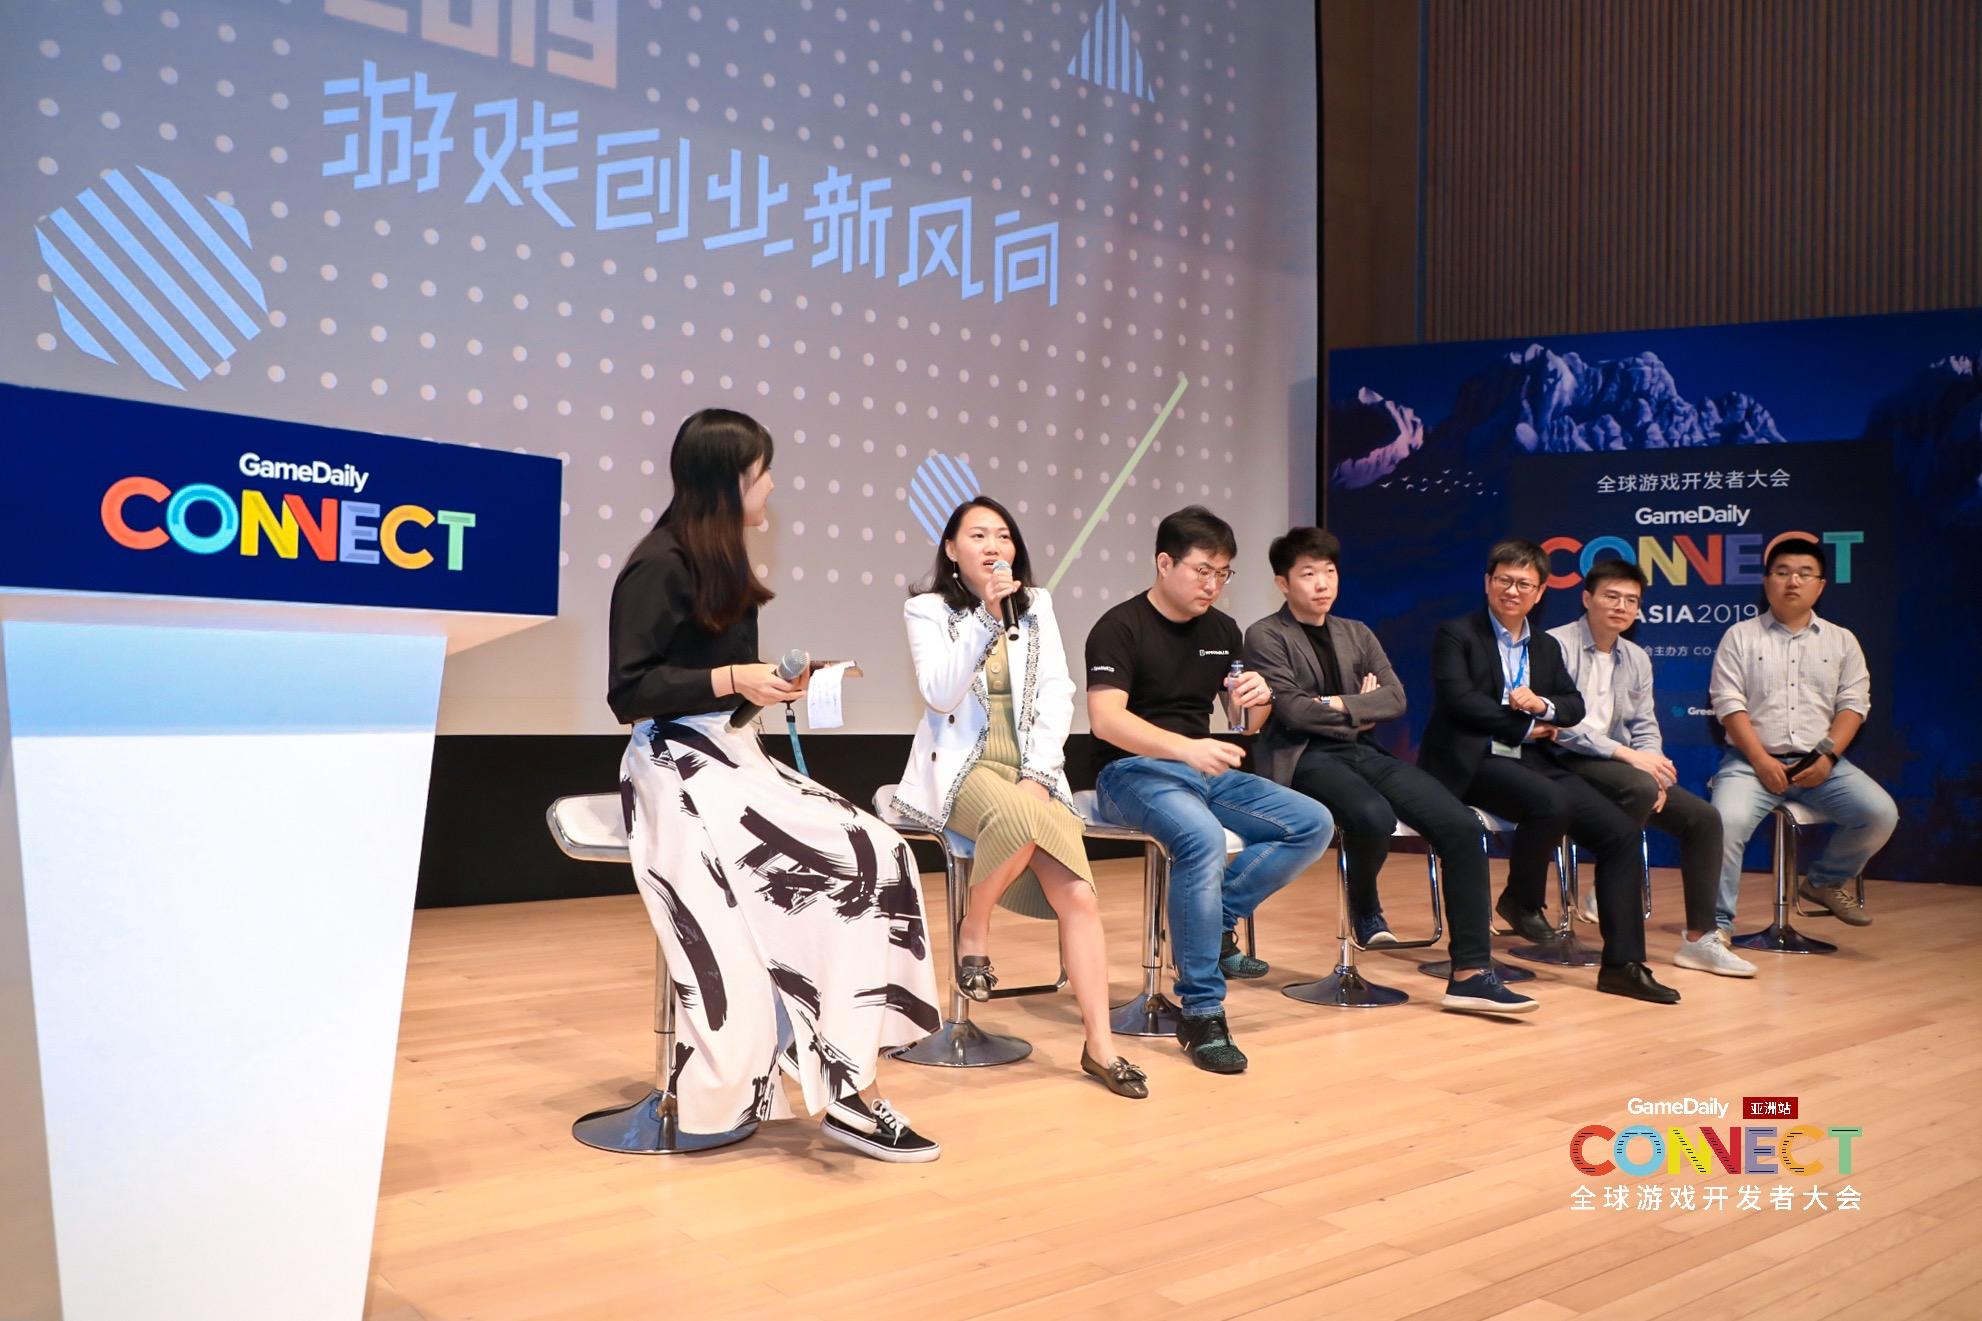 """三七互娱出席全球游戏开发者大会 探讨""""研运一体""""发展逻辑"""